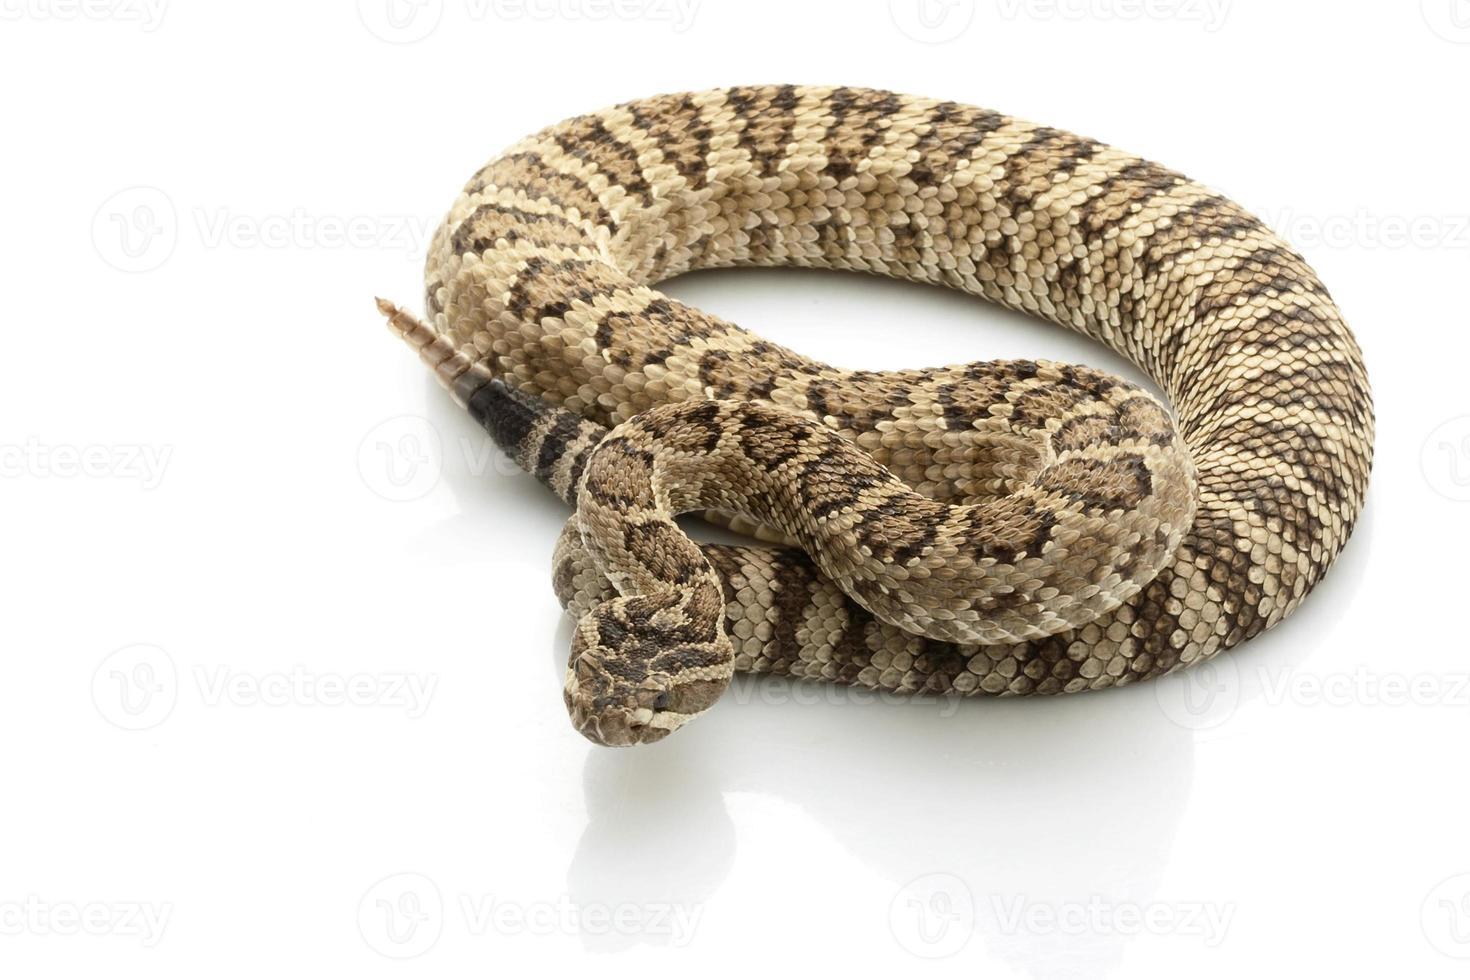 serpiente de cascabel de gran cuenca foto